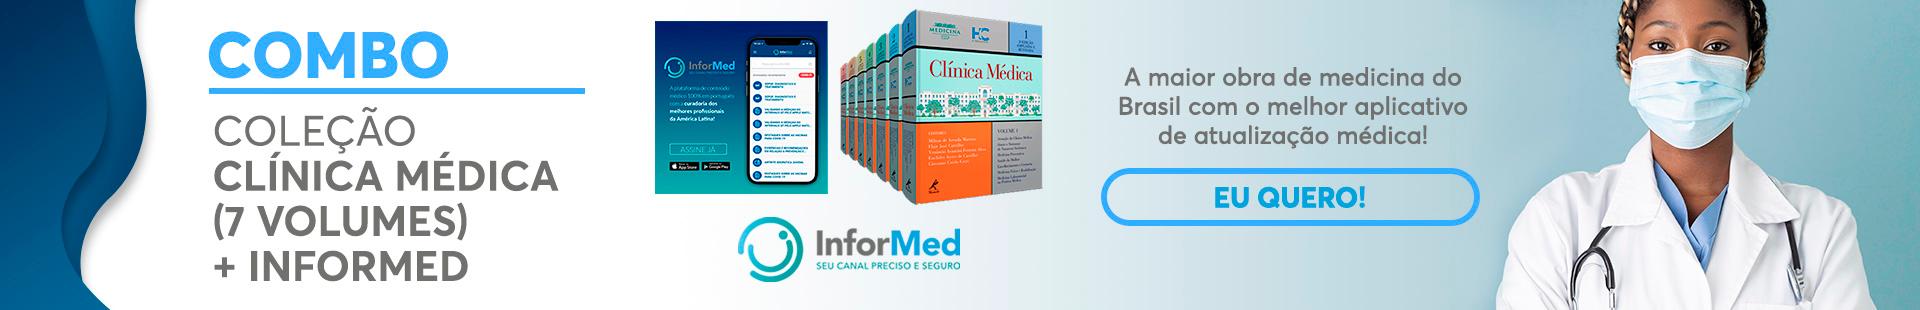 COMBO COLEÇÃO CLÍNICA MÉDICA: 7 VOLUMES + INFORMED